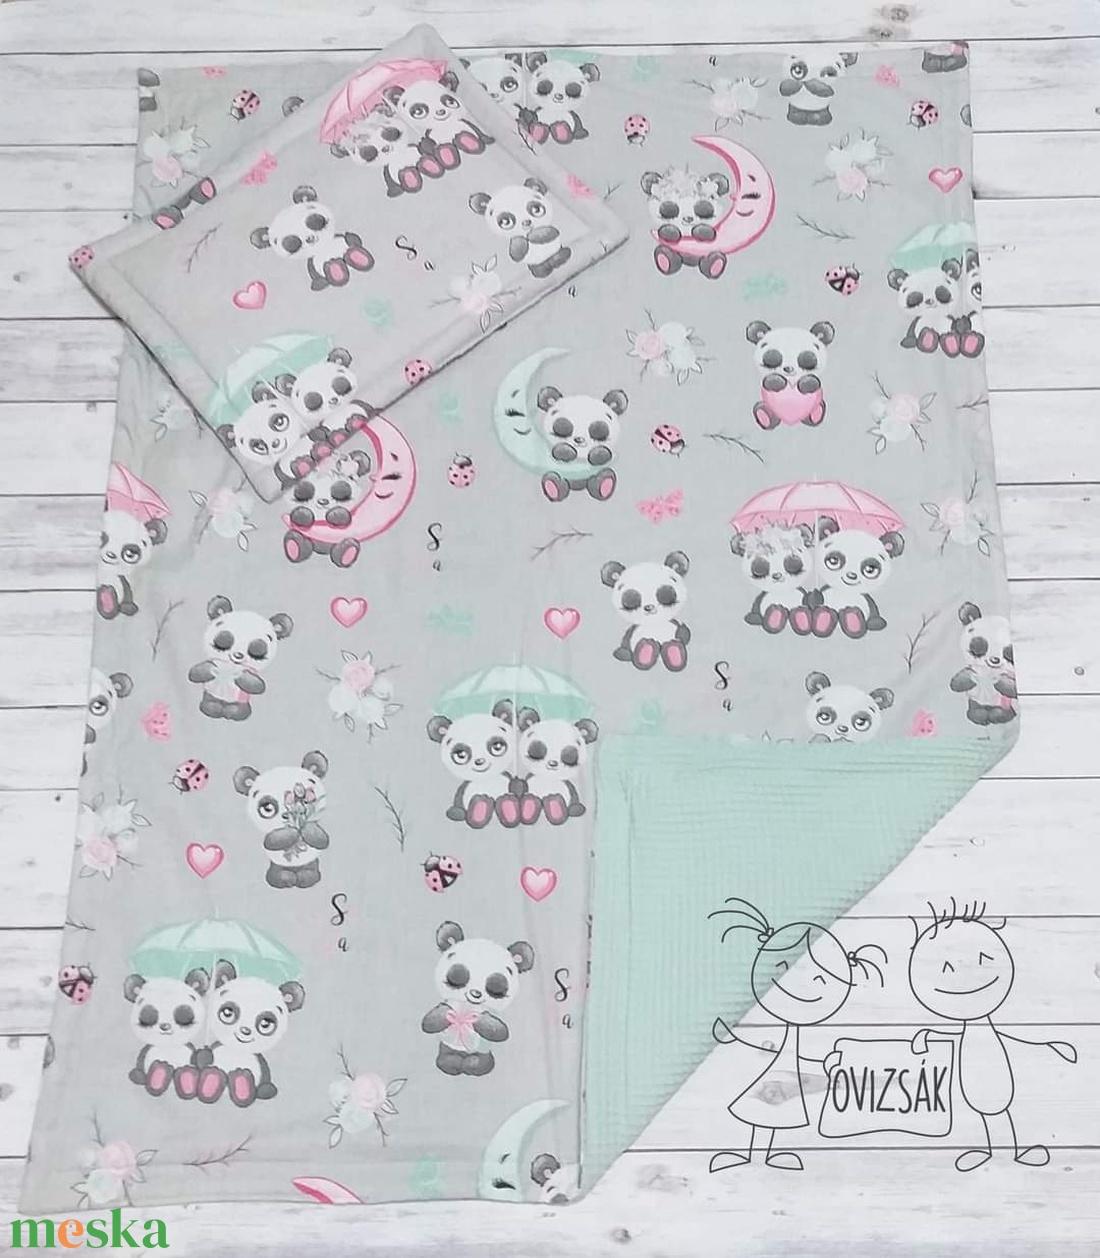 Panda mintás nyári babaágynemű - takaró és lapos kispárna szett - Meska.hu